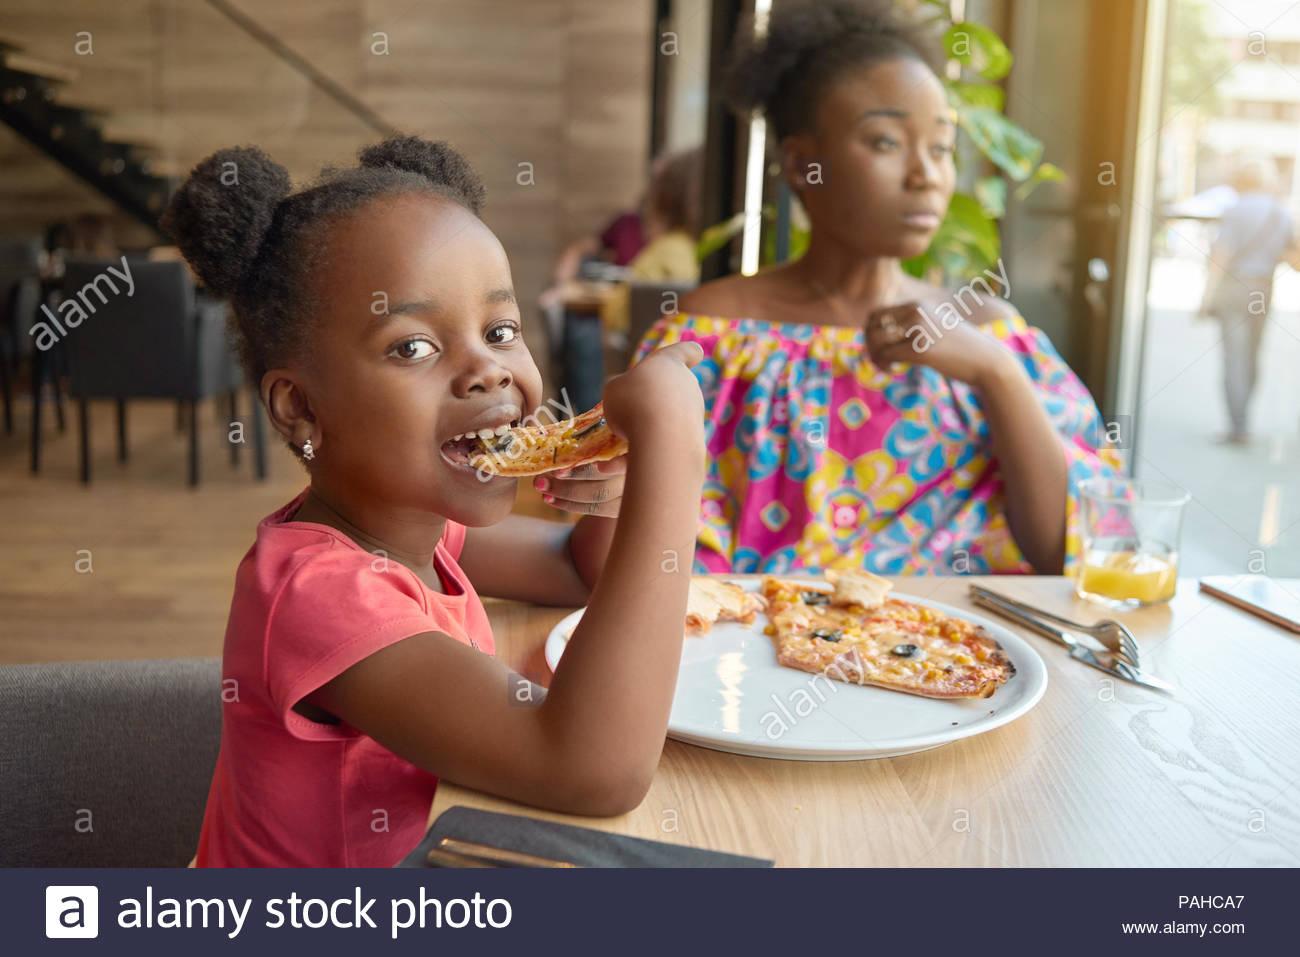 Hungry little girl eating pizza assis près de sa mère dans le café. Heureux, avoir la bonne humeur, merveilleux temps ensemble, belle famille. Les autres clients assis dans le café. Loft design intérieur. Photo Stock